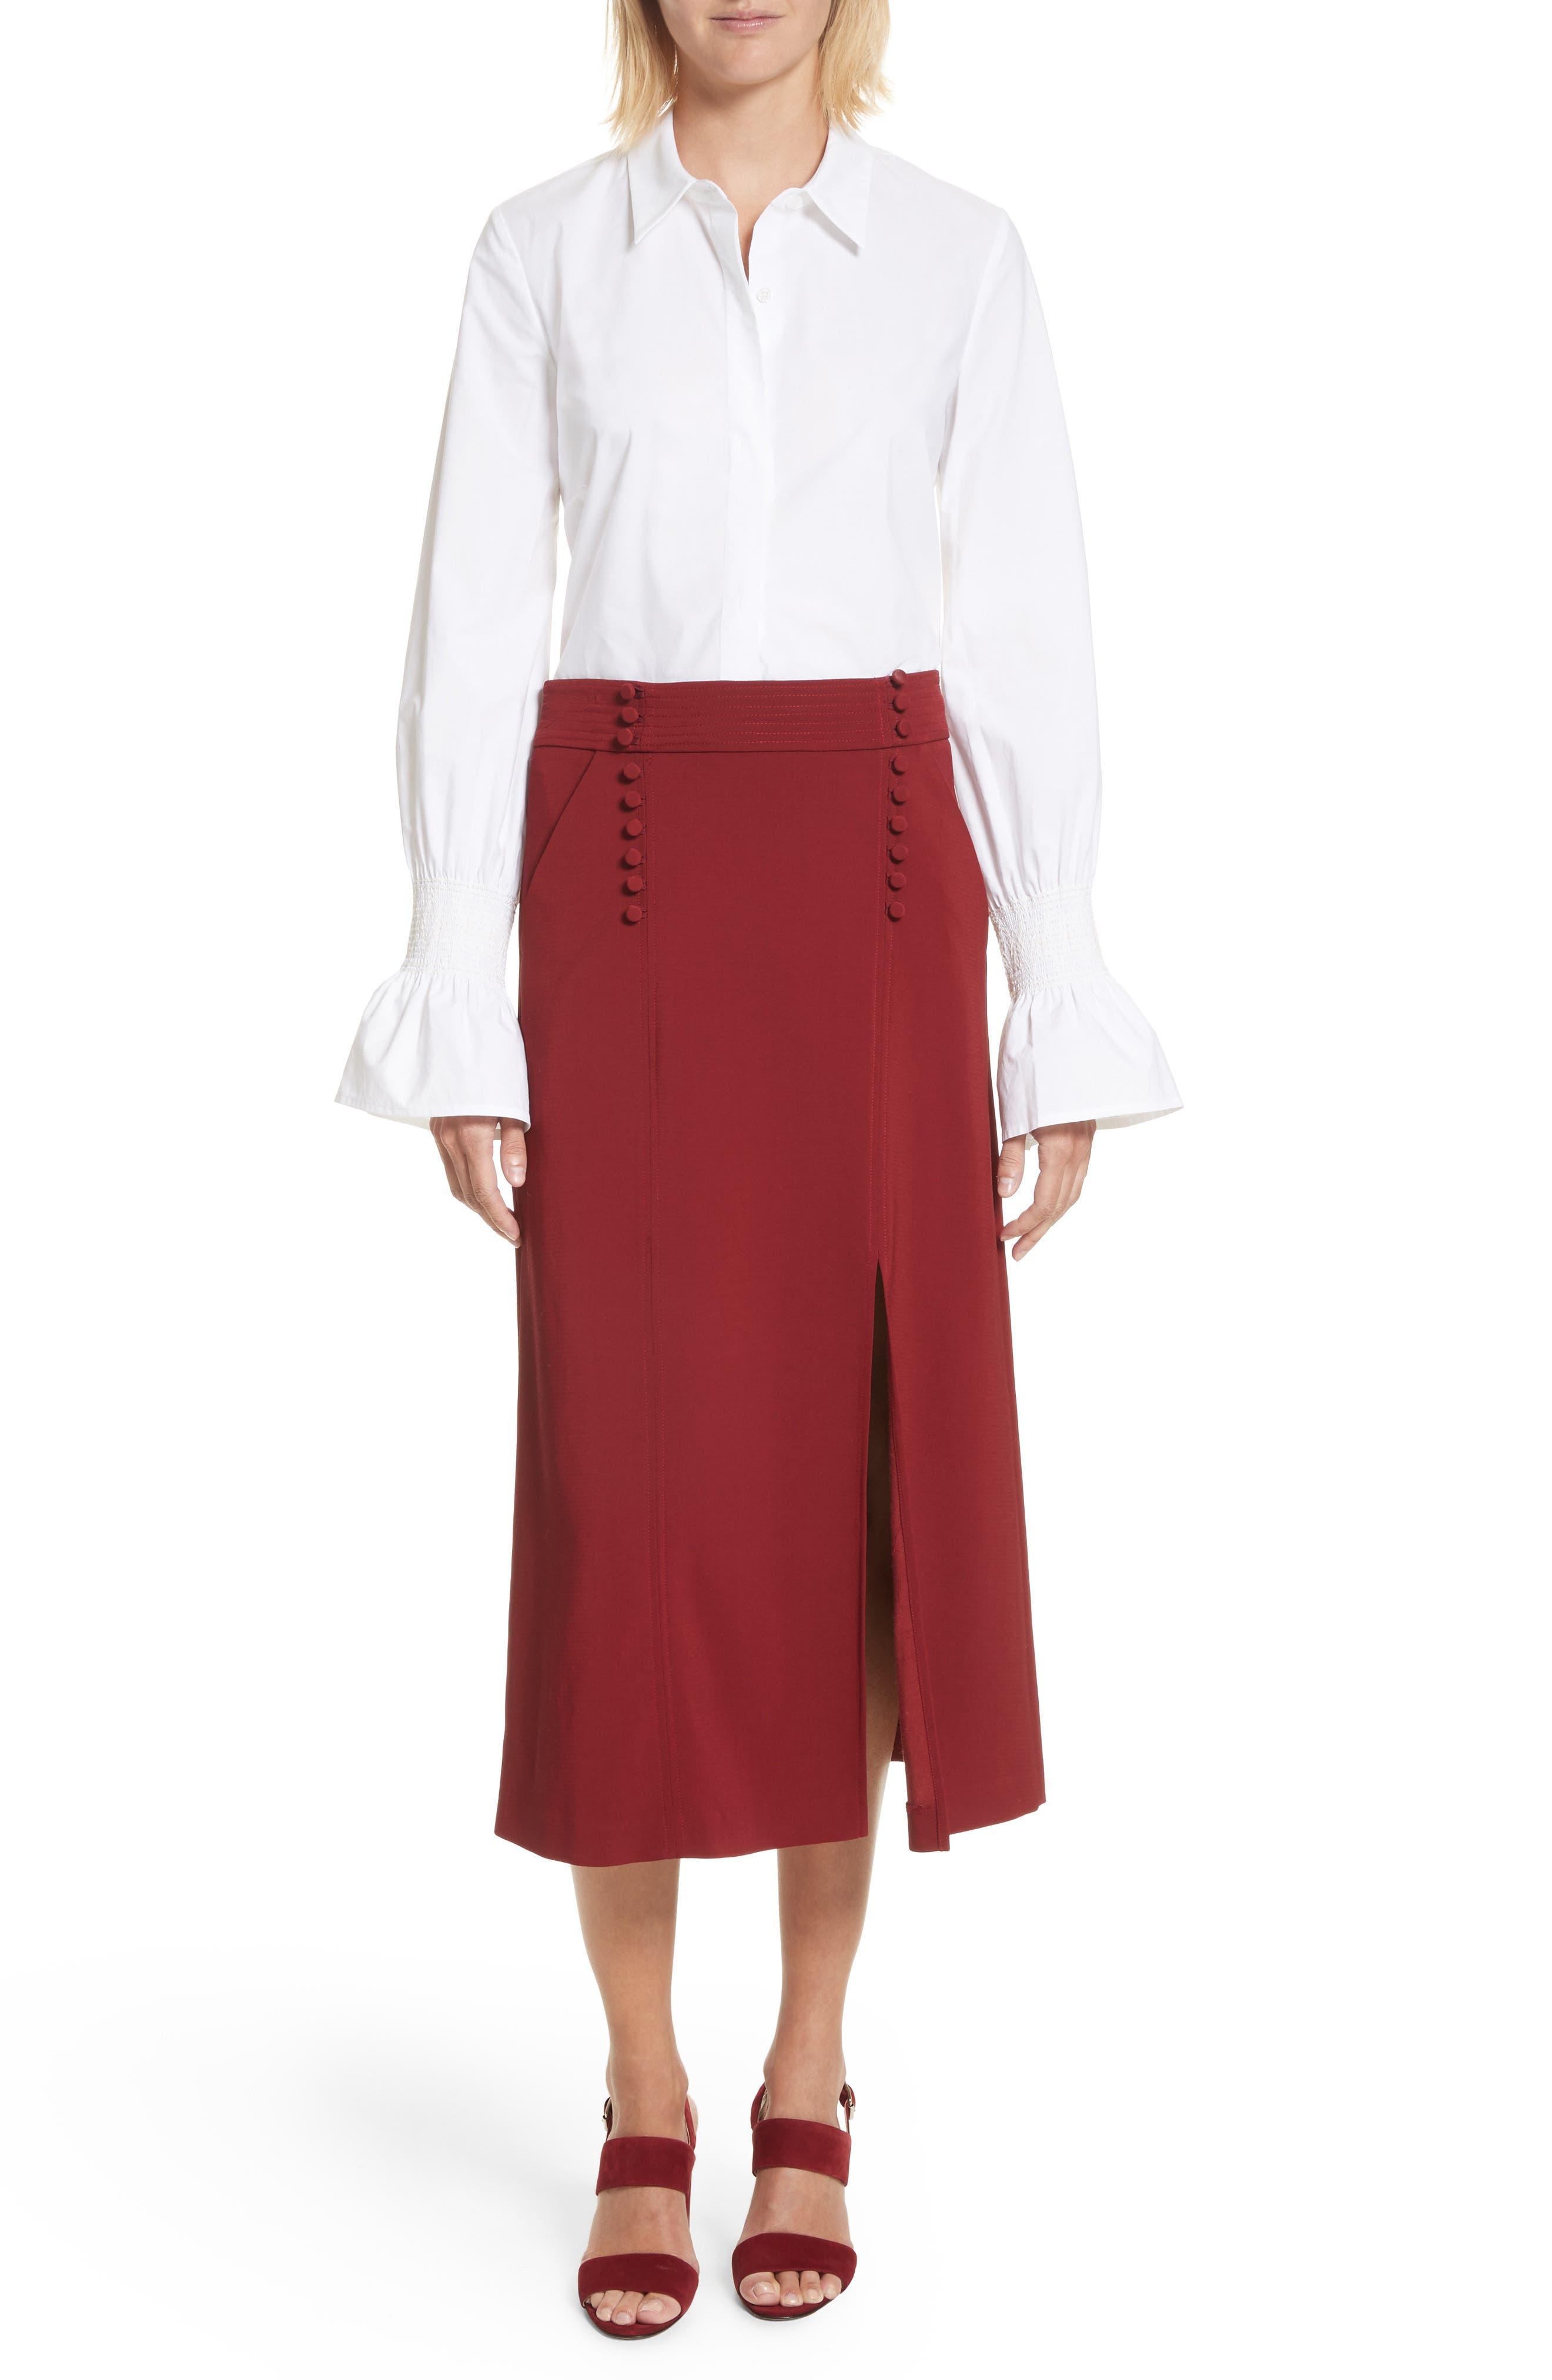 Sydney Skirt,                             Alternate thumbnail 6, color,                             640